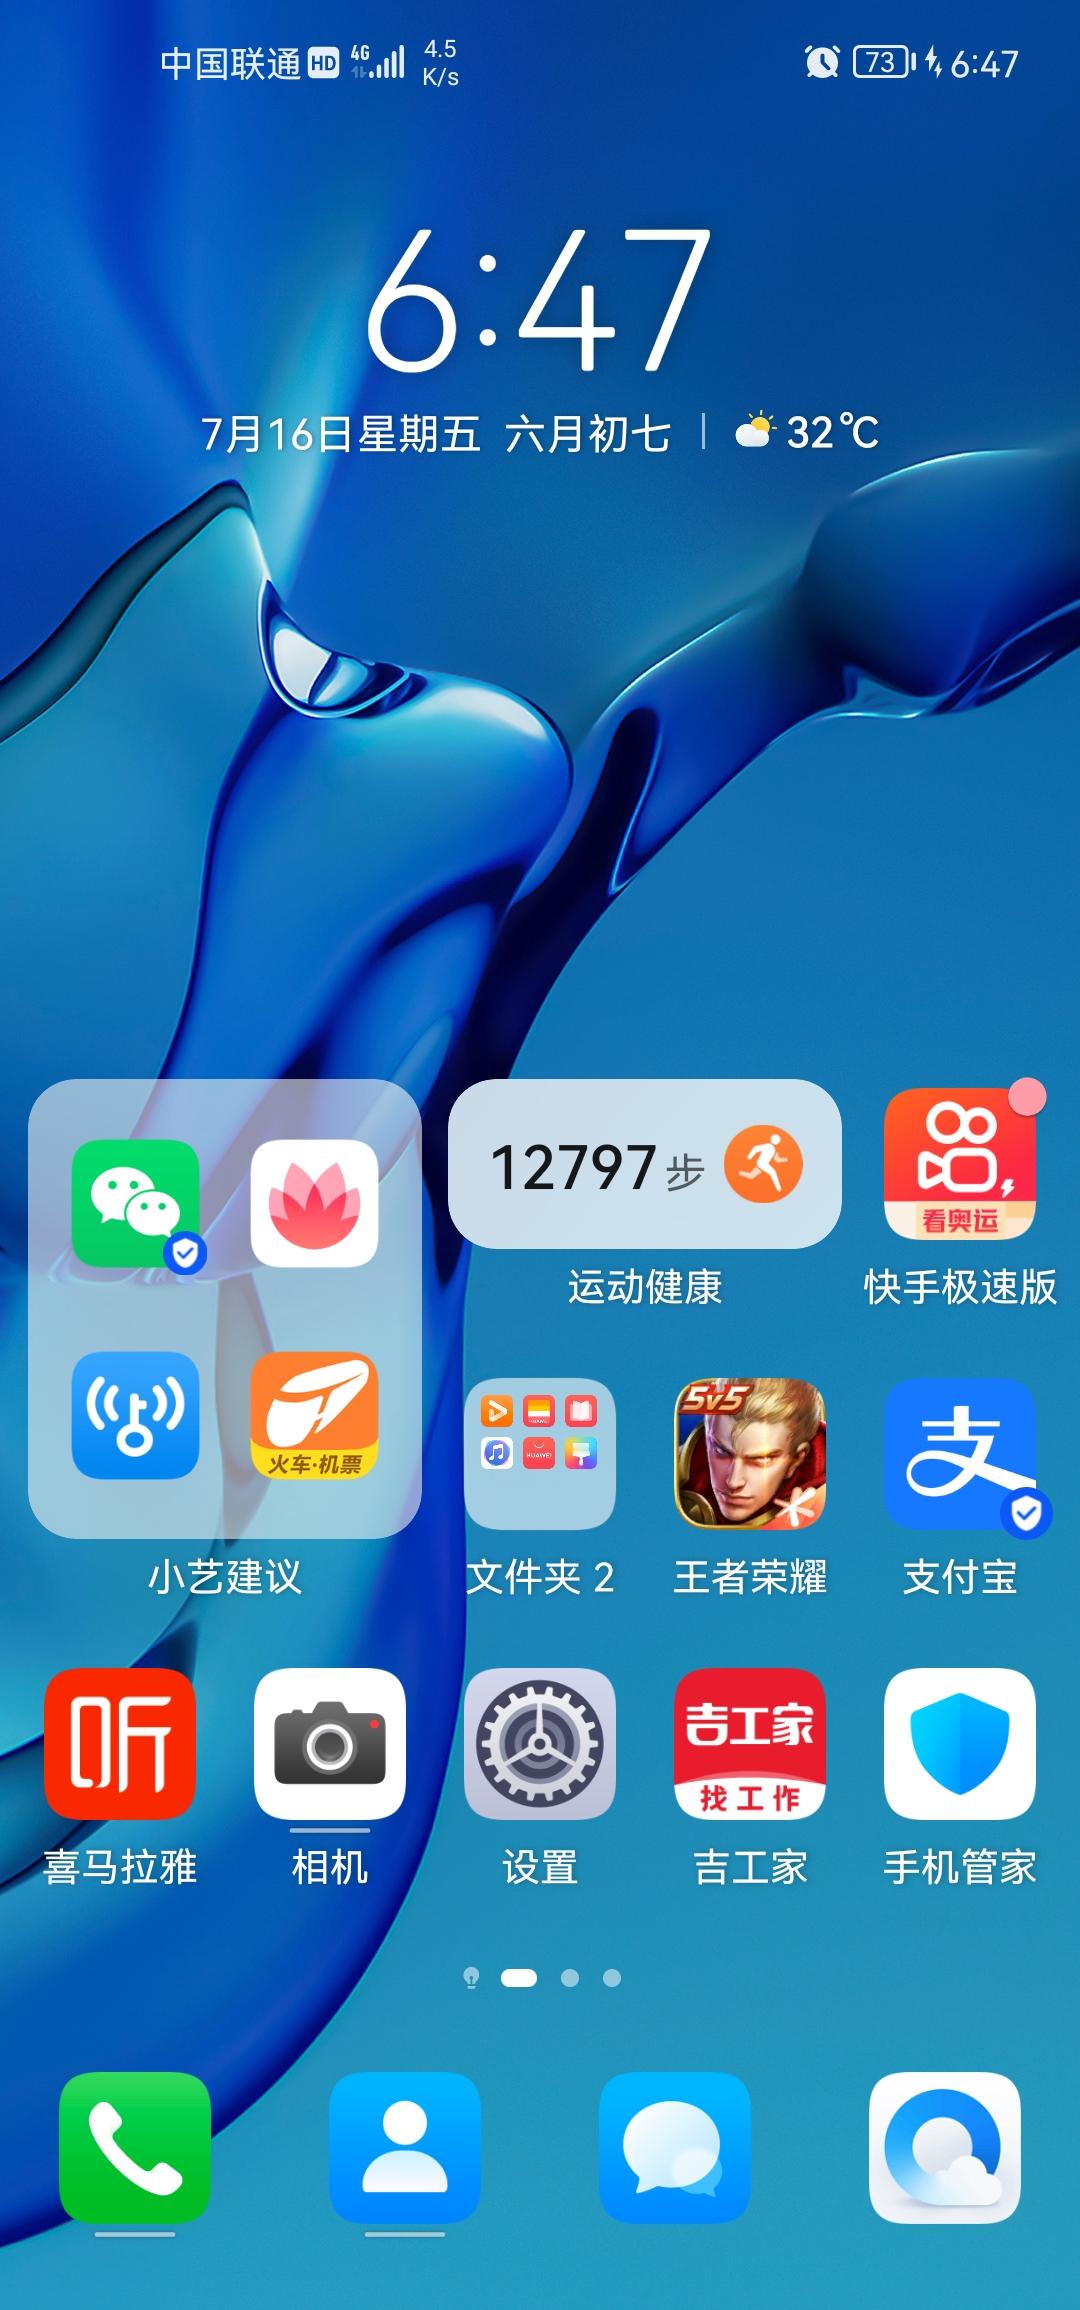 Screenshot_20210716_184754_com.huawei.android.launcher.jpg